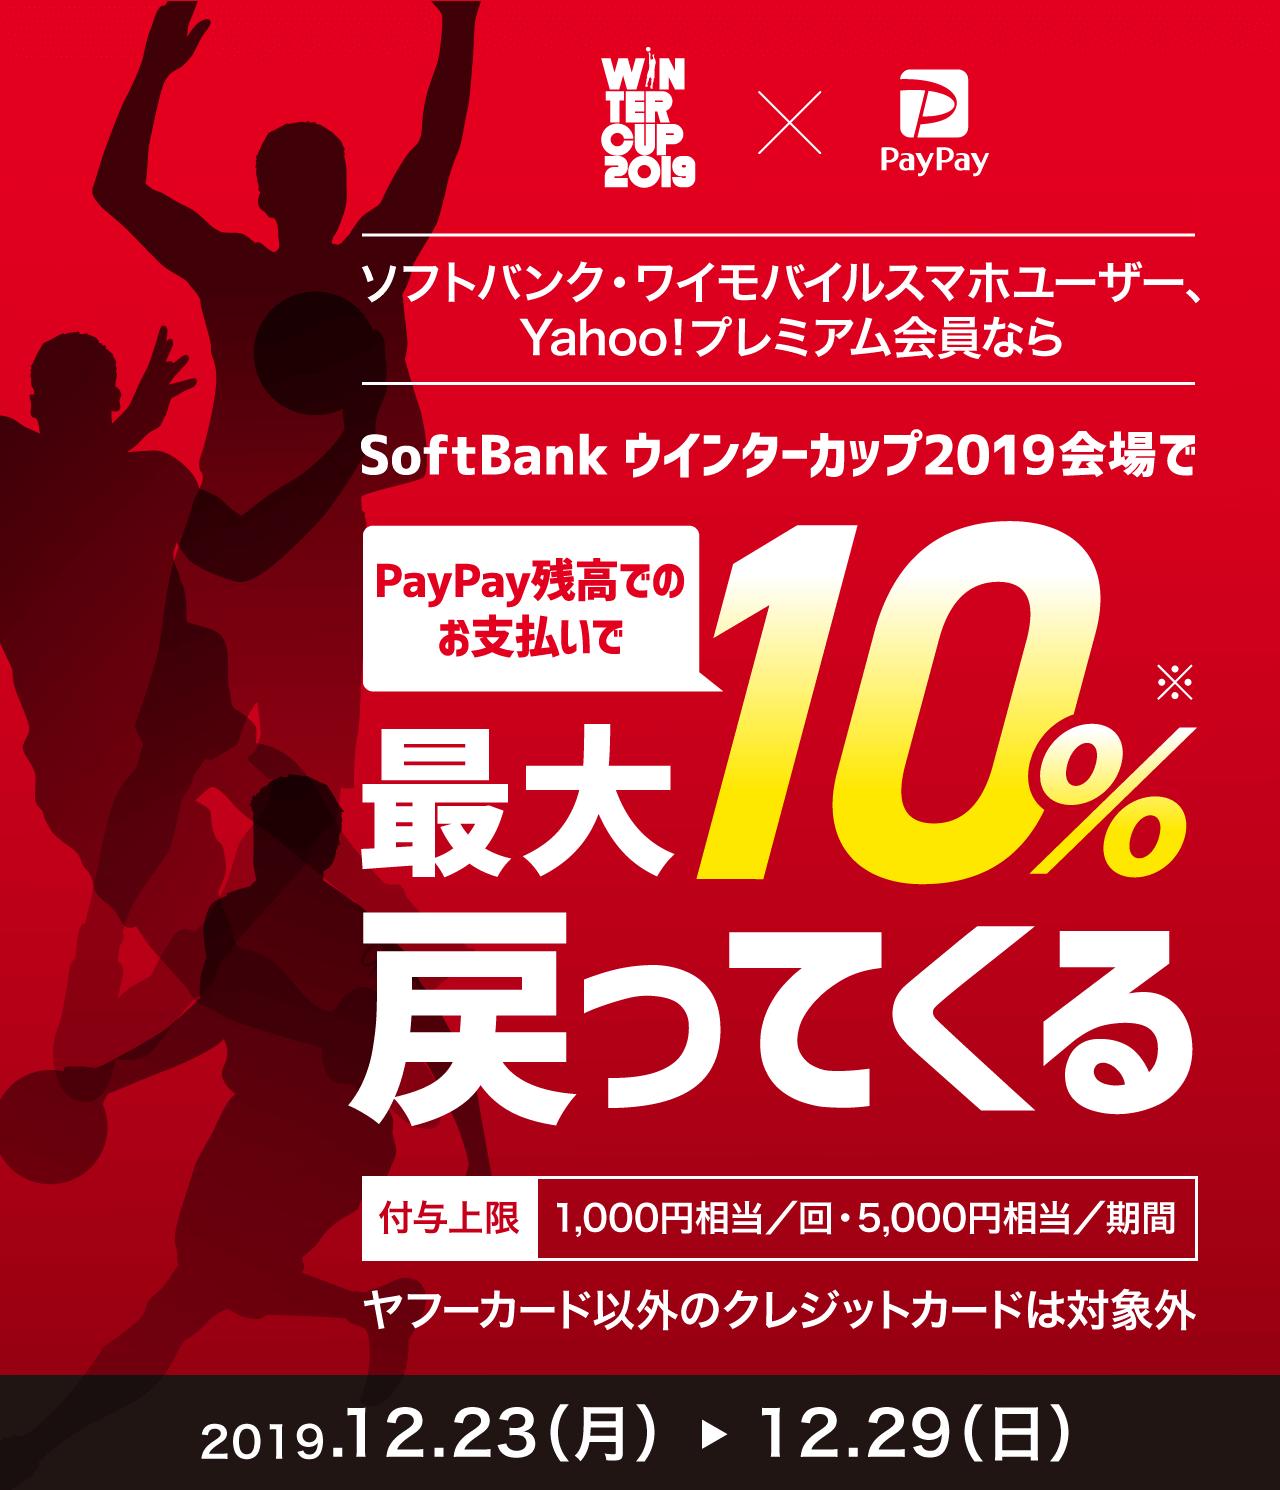 ソフトバンク、ワイモバイルスマホユーザー、Yahoo!プレミアム会員ならSoftBankウインターカップ2019会場でPayPay残高でのお支払いで最大10%戻ってくる